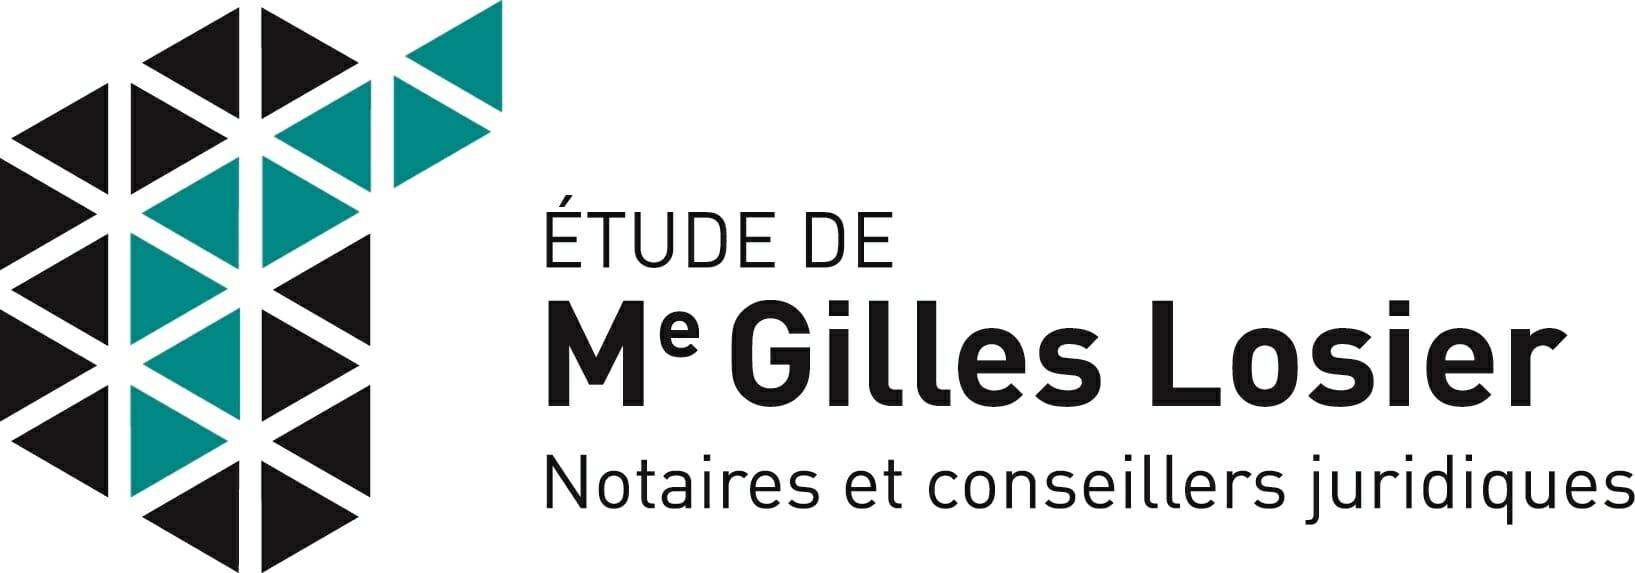 Étude de Me Gilles Losier, notaires et conseillers juridiques - logo